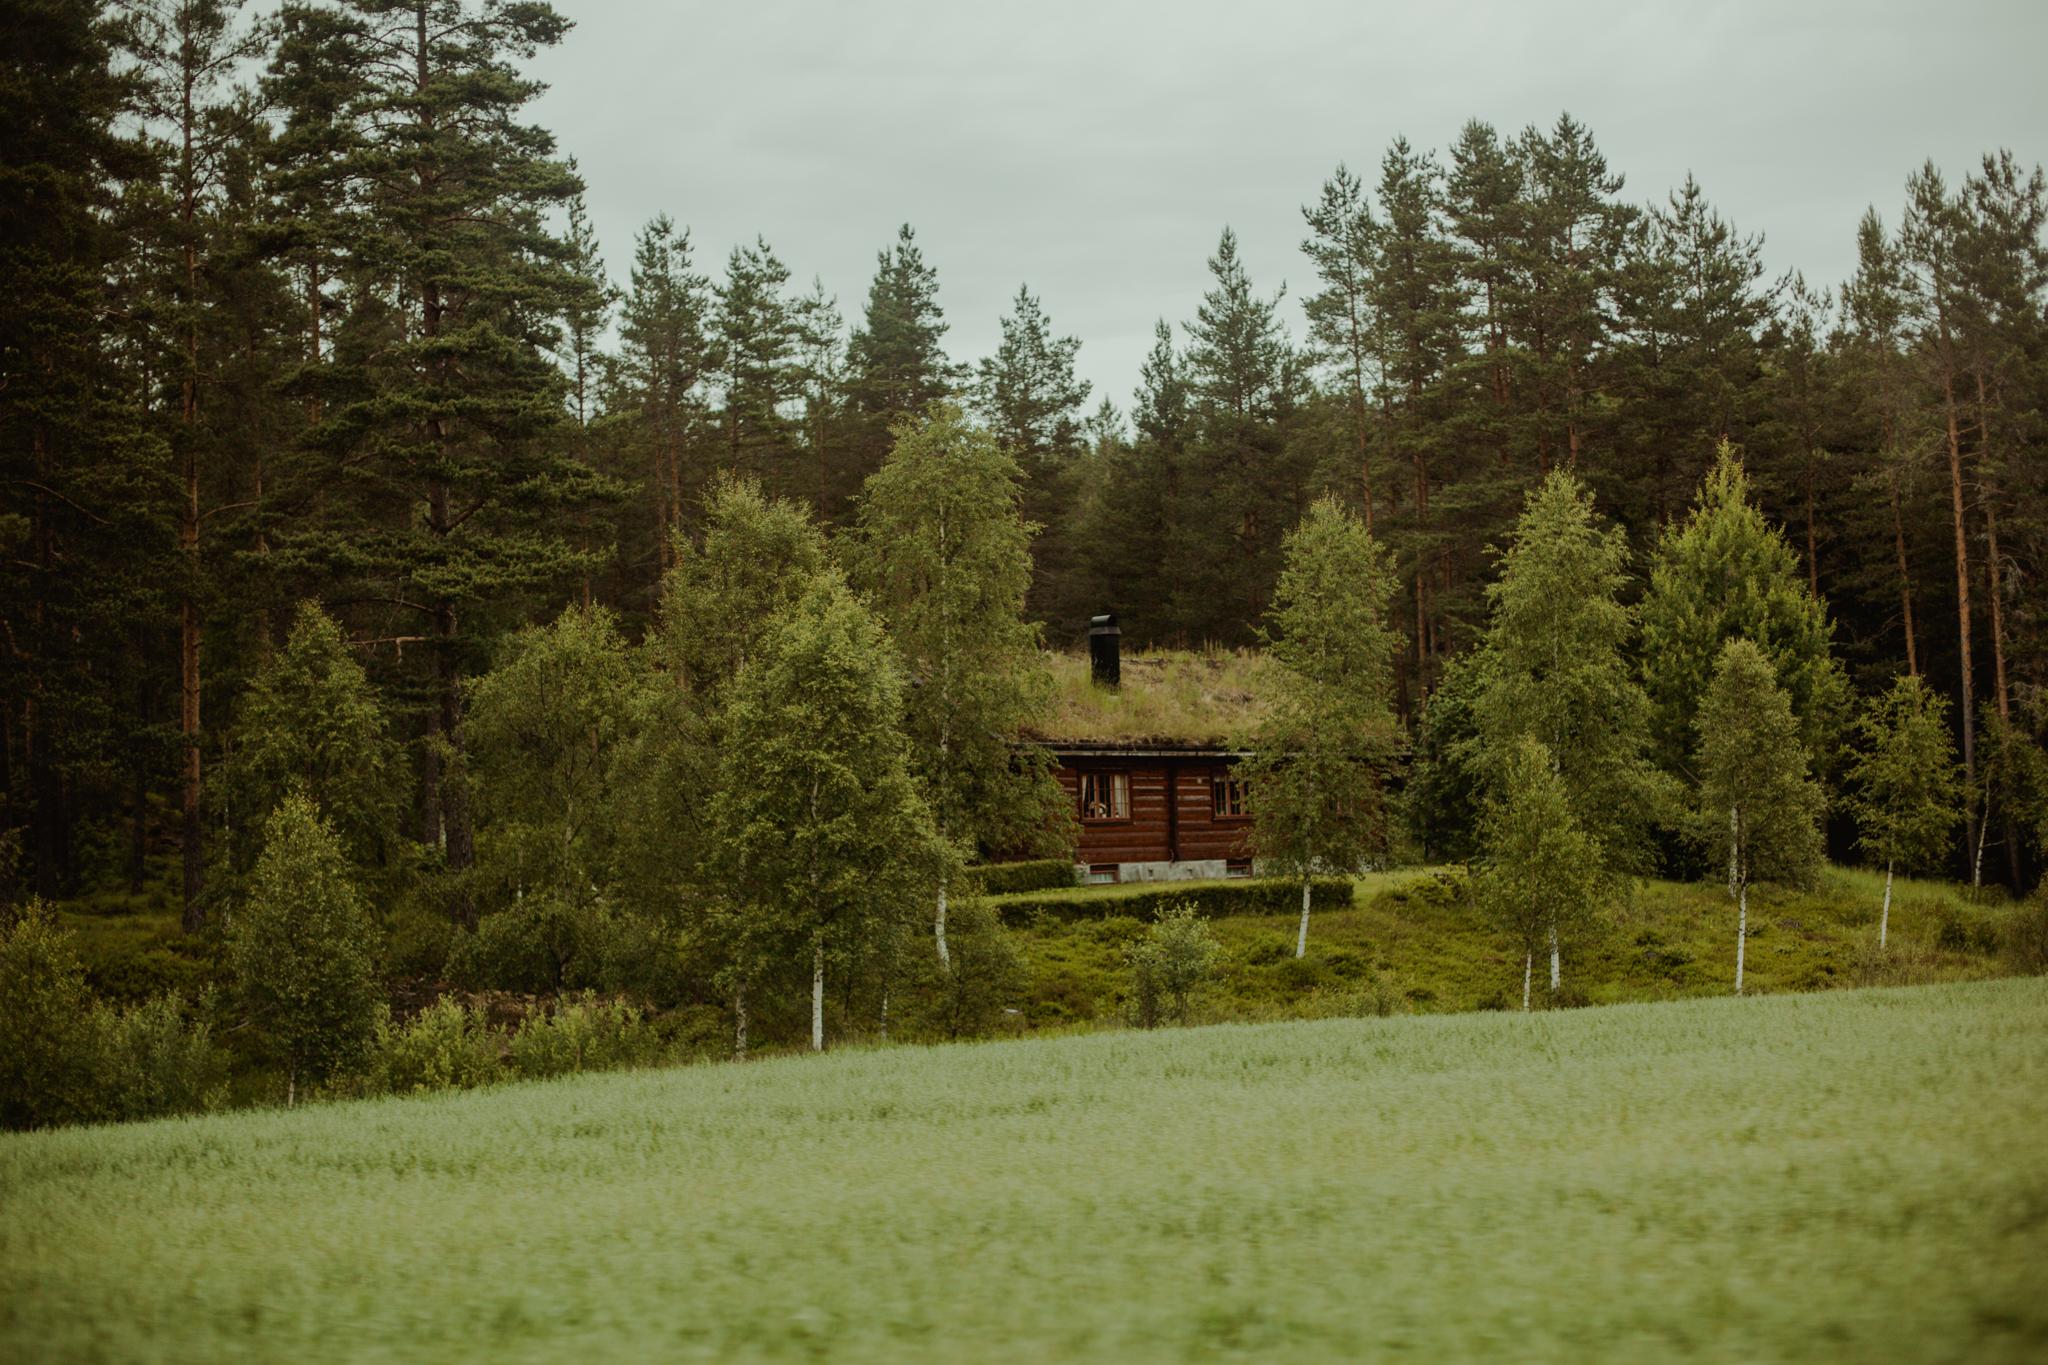 norwegia-poza-szlakiem-Jettegrytene-ciekawe-miejsca-w-norwegii